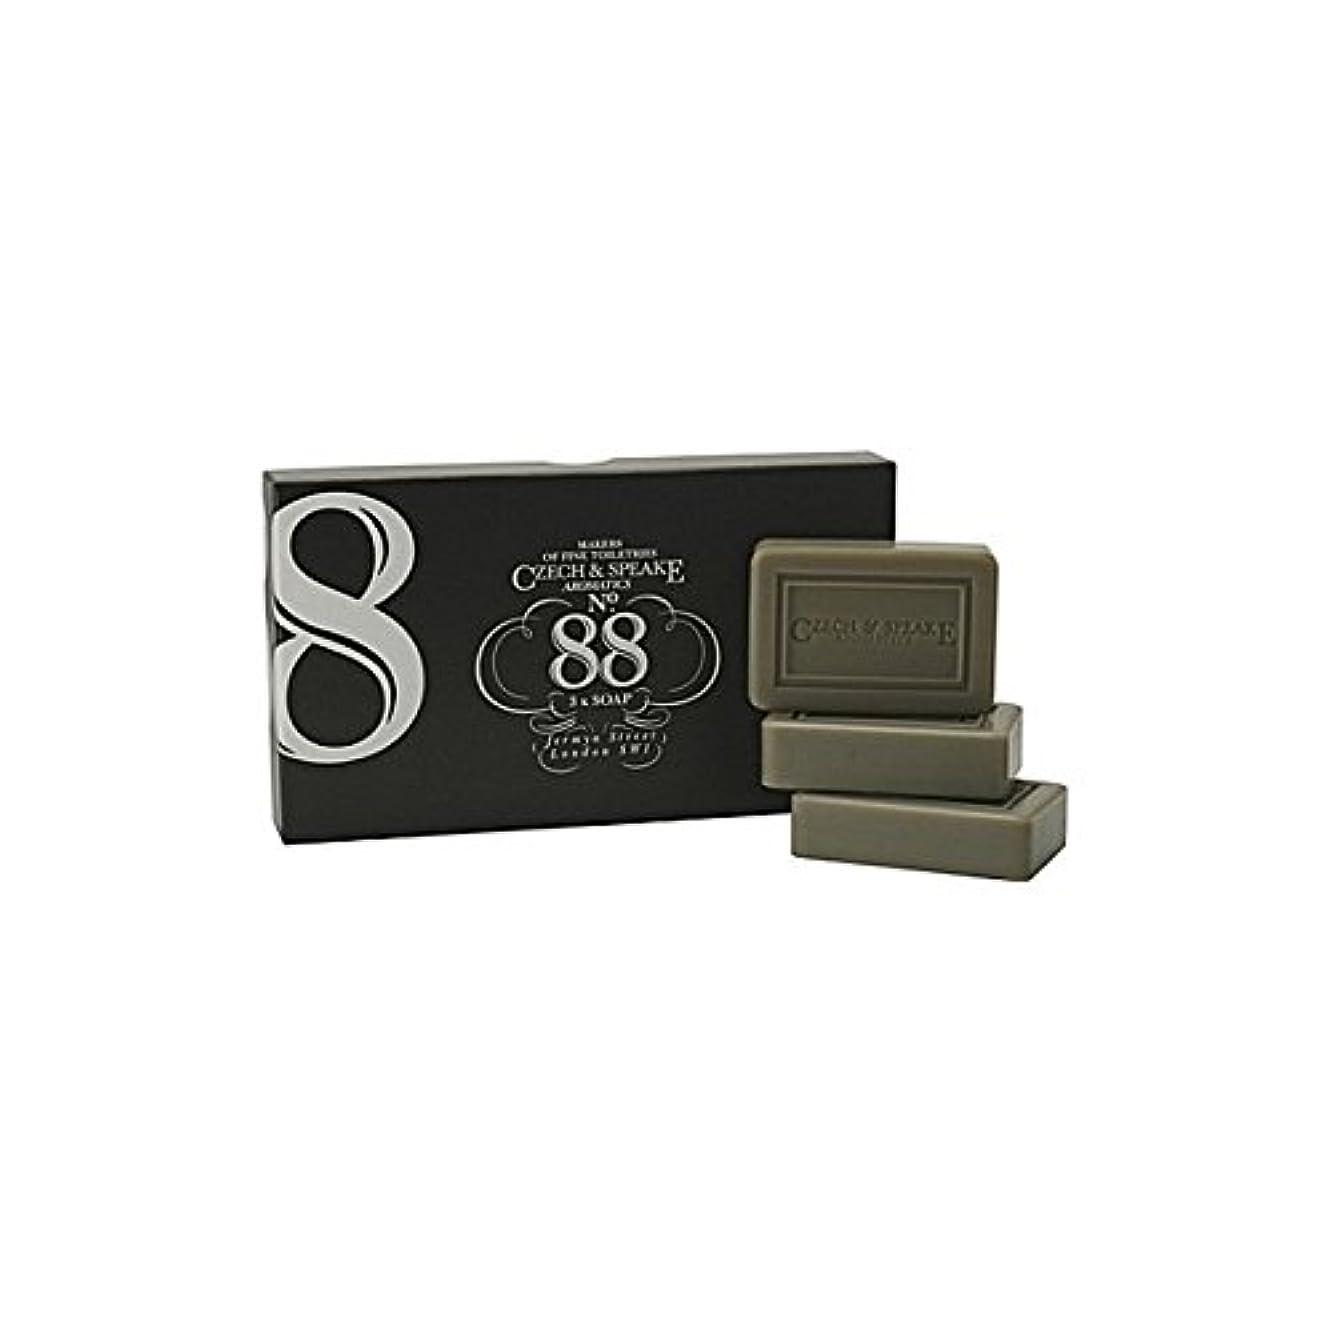 ビル滑りやすい桃チェコ&スピーク.88ソープセット x4 - Czech & Speake No.88 Soap Set (Pack of 4) [並行輸入品]